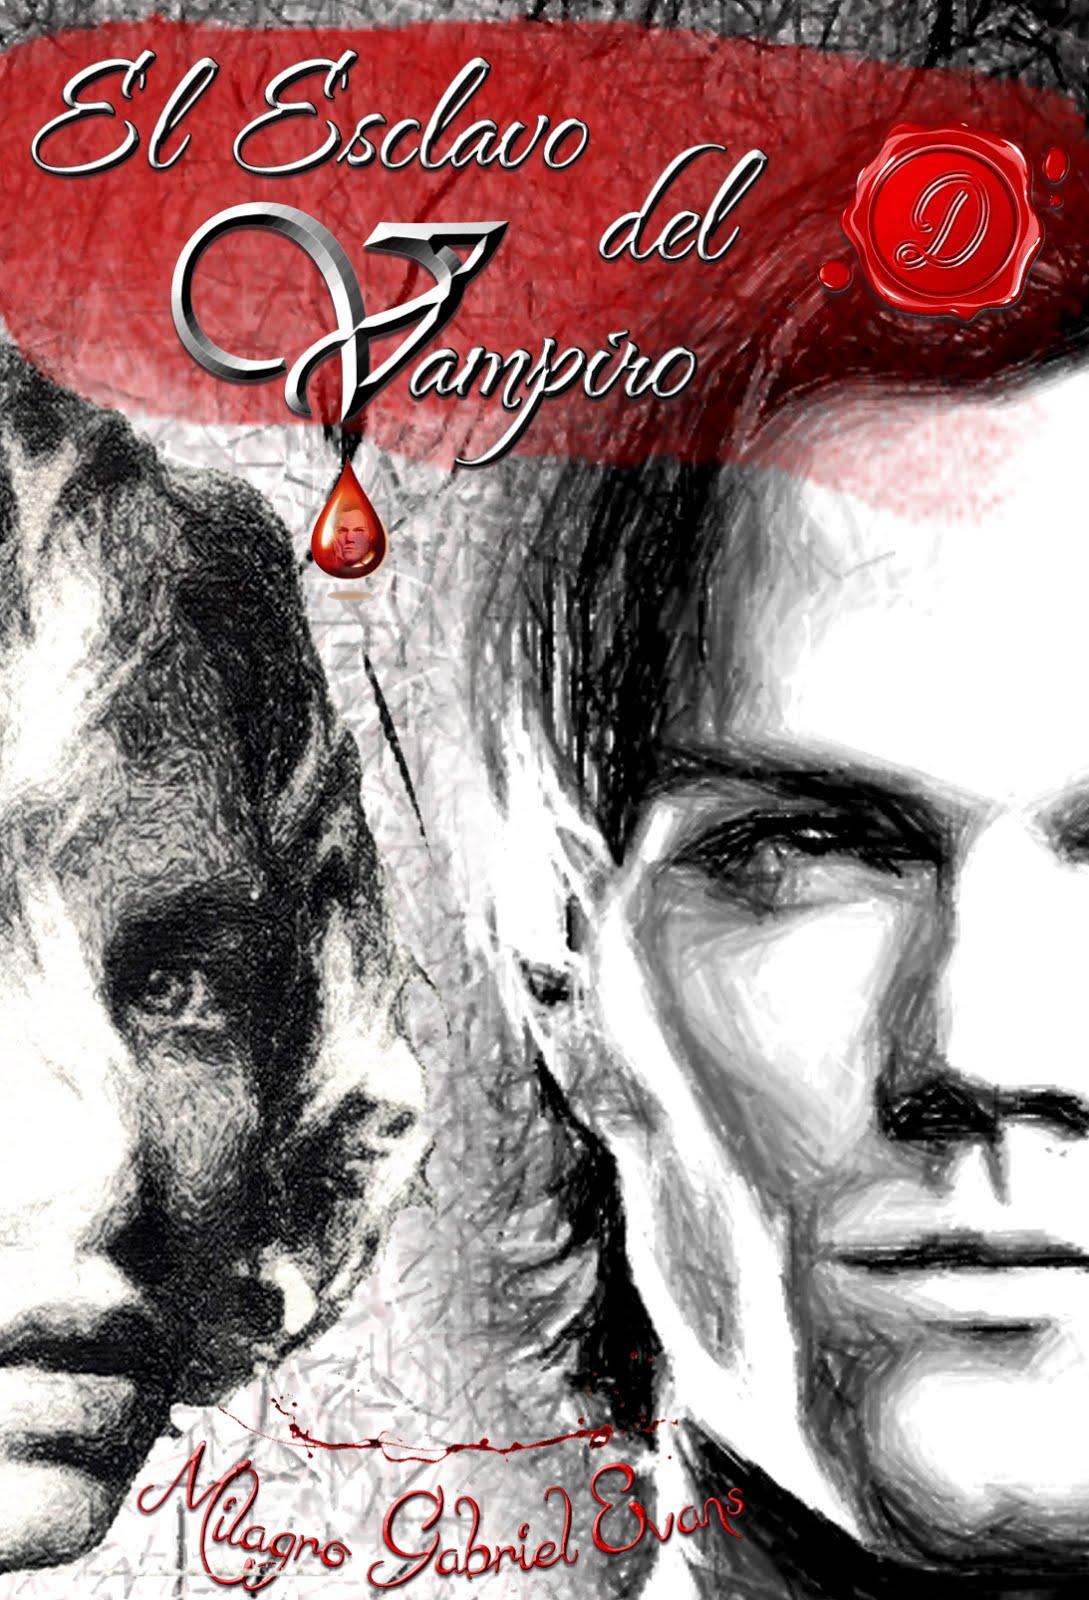 I Libro_ El Esclavo del vampiro